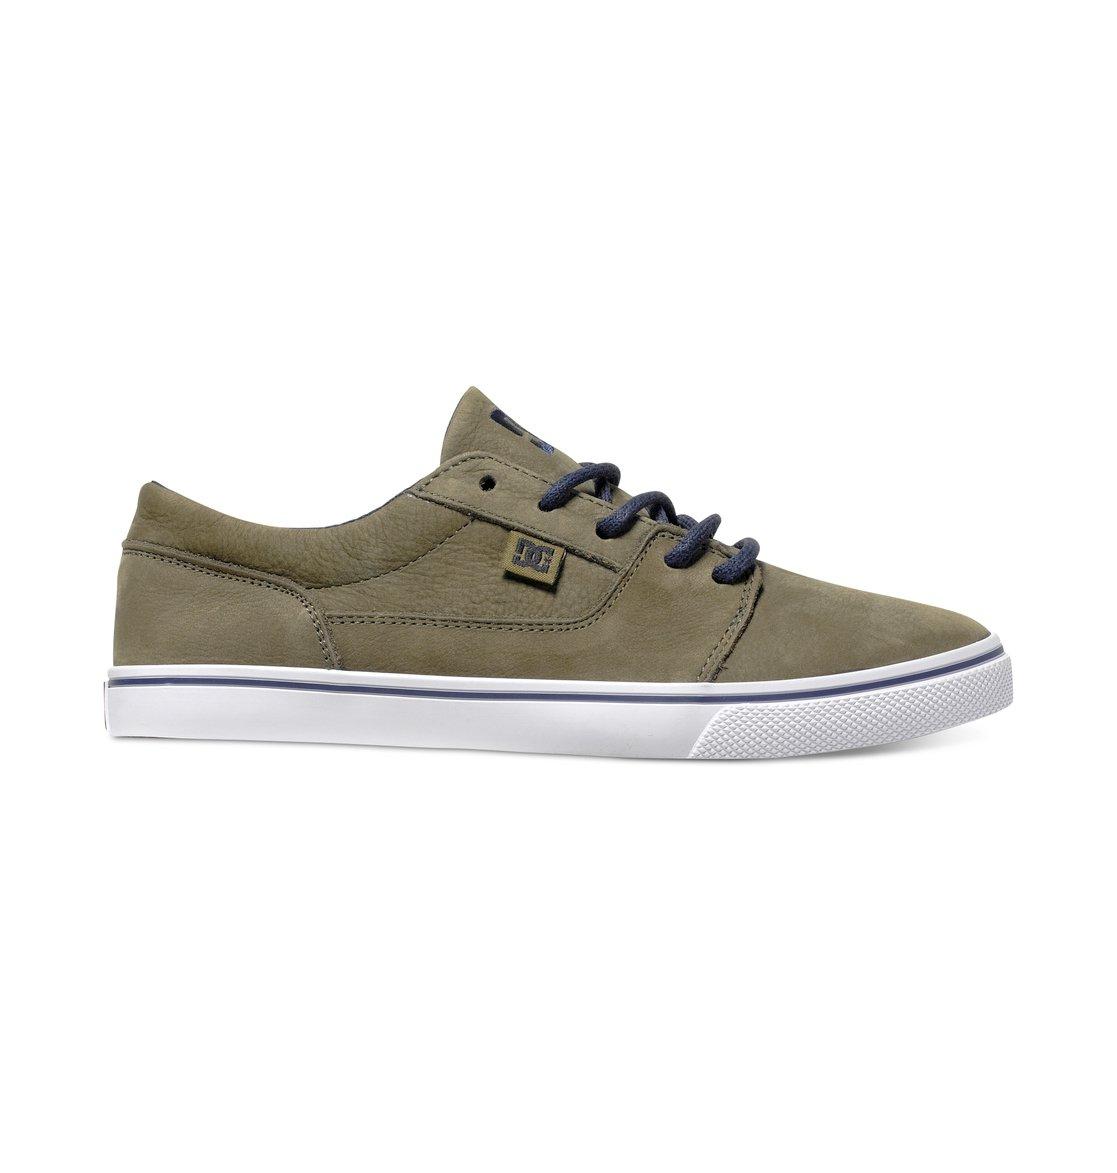 DC Shoes Tonik Shoes - Olive & Black